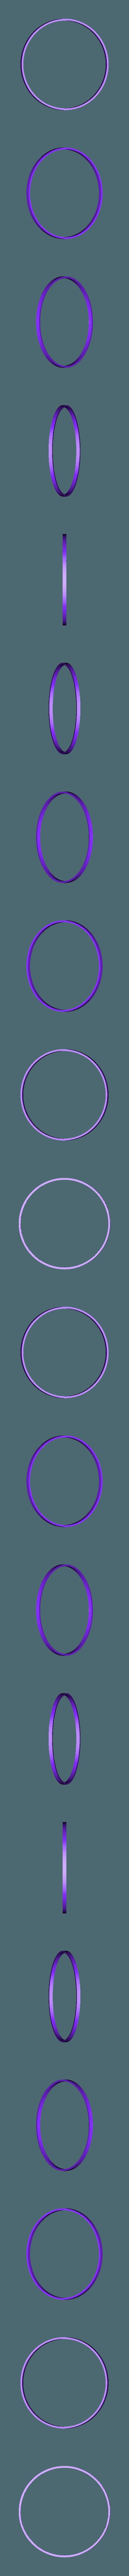 VaultbaseRing.stl Télécharger fichier STL gratuit Charnière de porte de voûte à retombées et base creuse, remixé • Design à imprimer en 3D, FelixTheCrazy